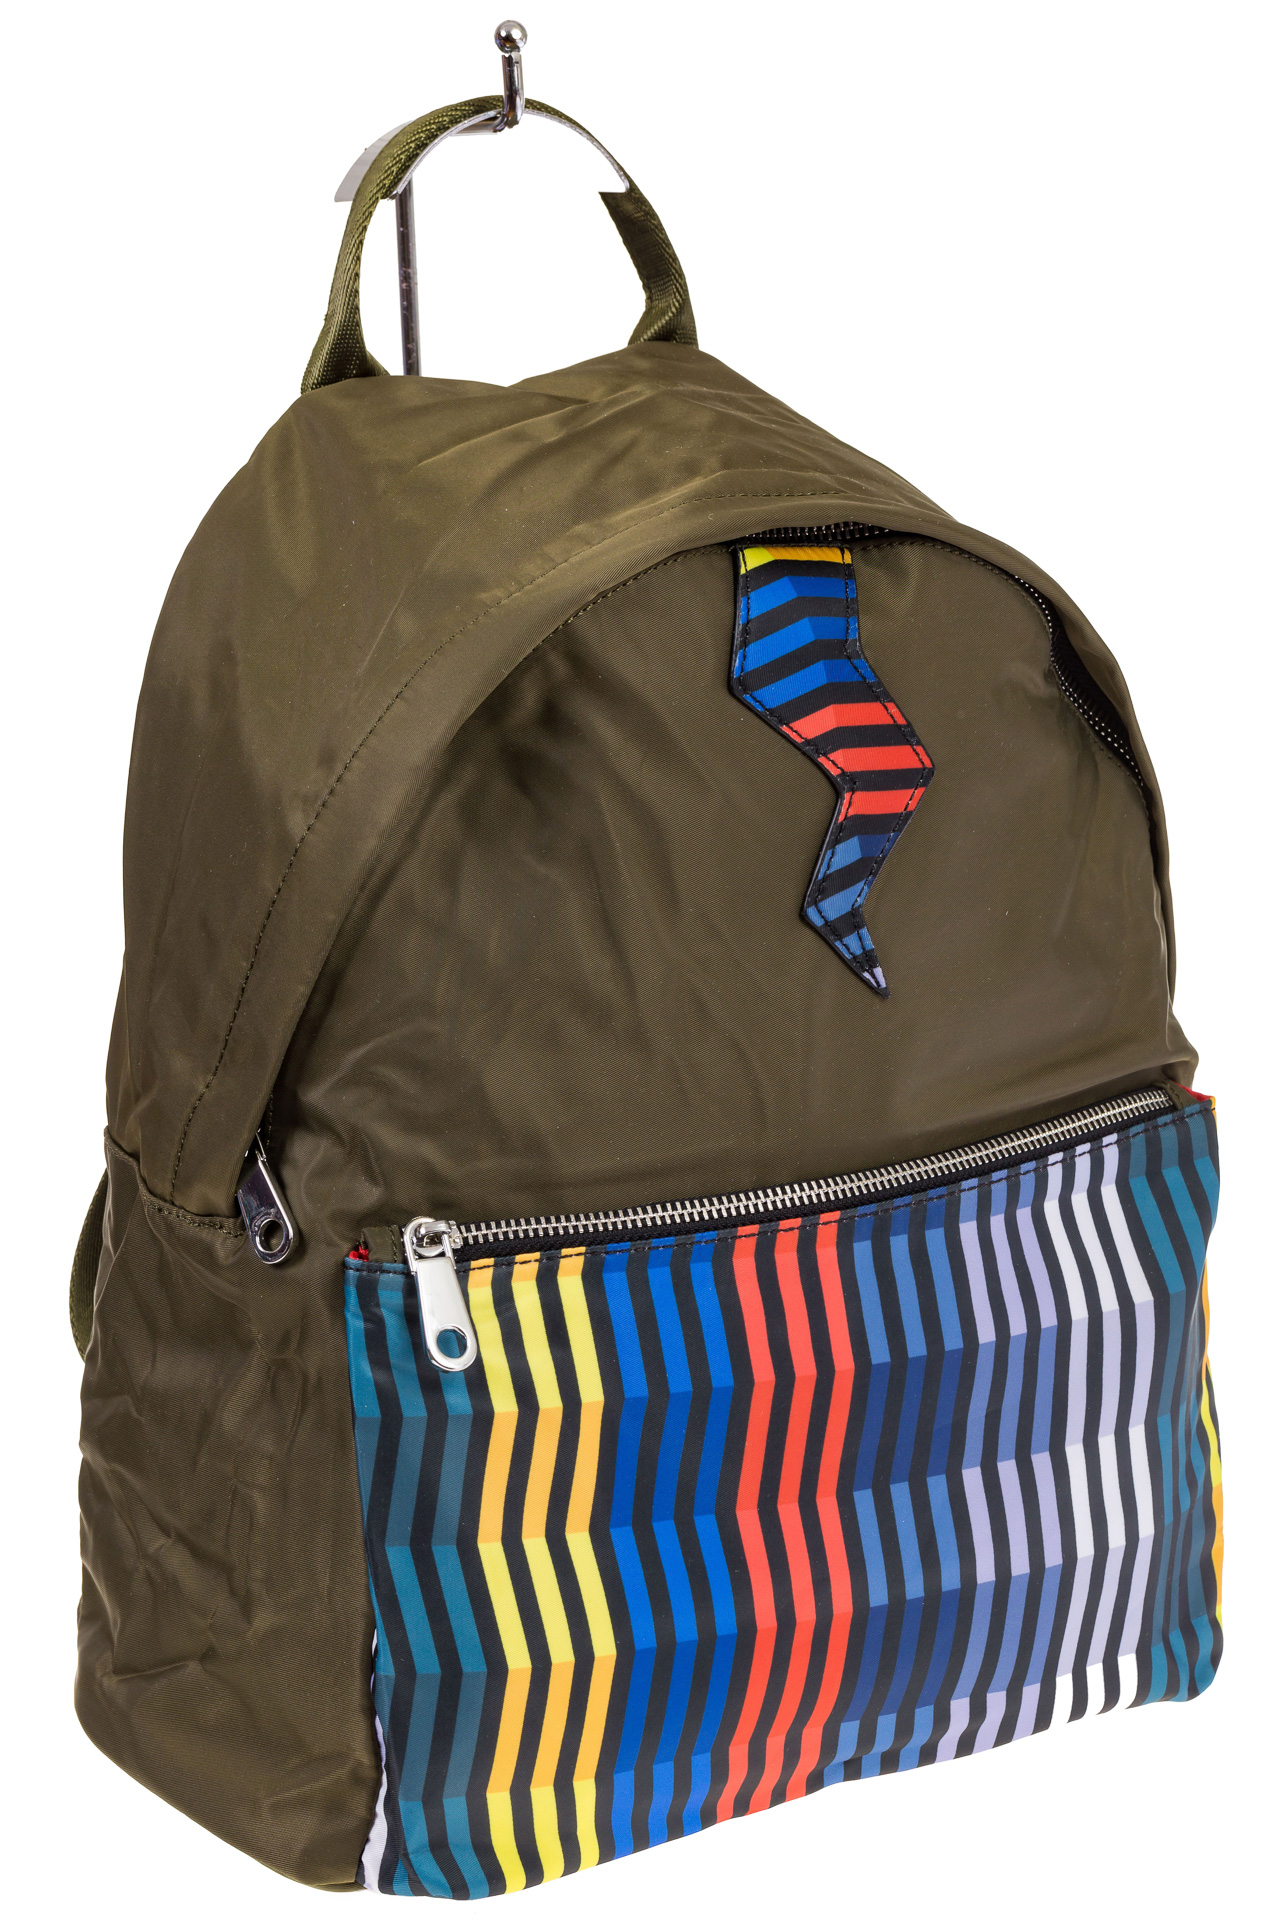 На фото молодежный рюкзак, цвет – защитный, материал – текстиль, купить оптом в магазине Грета